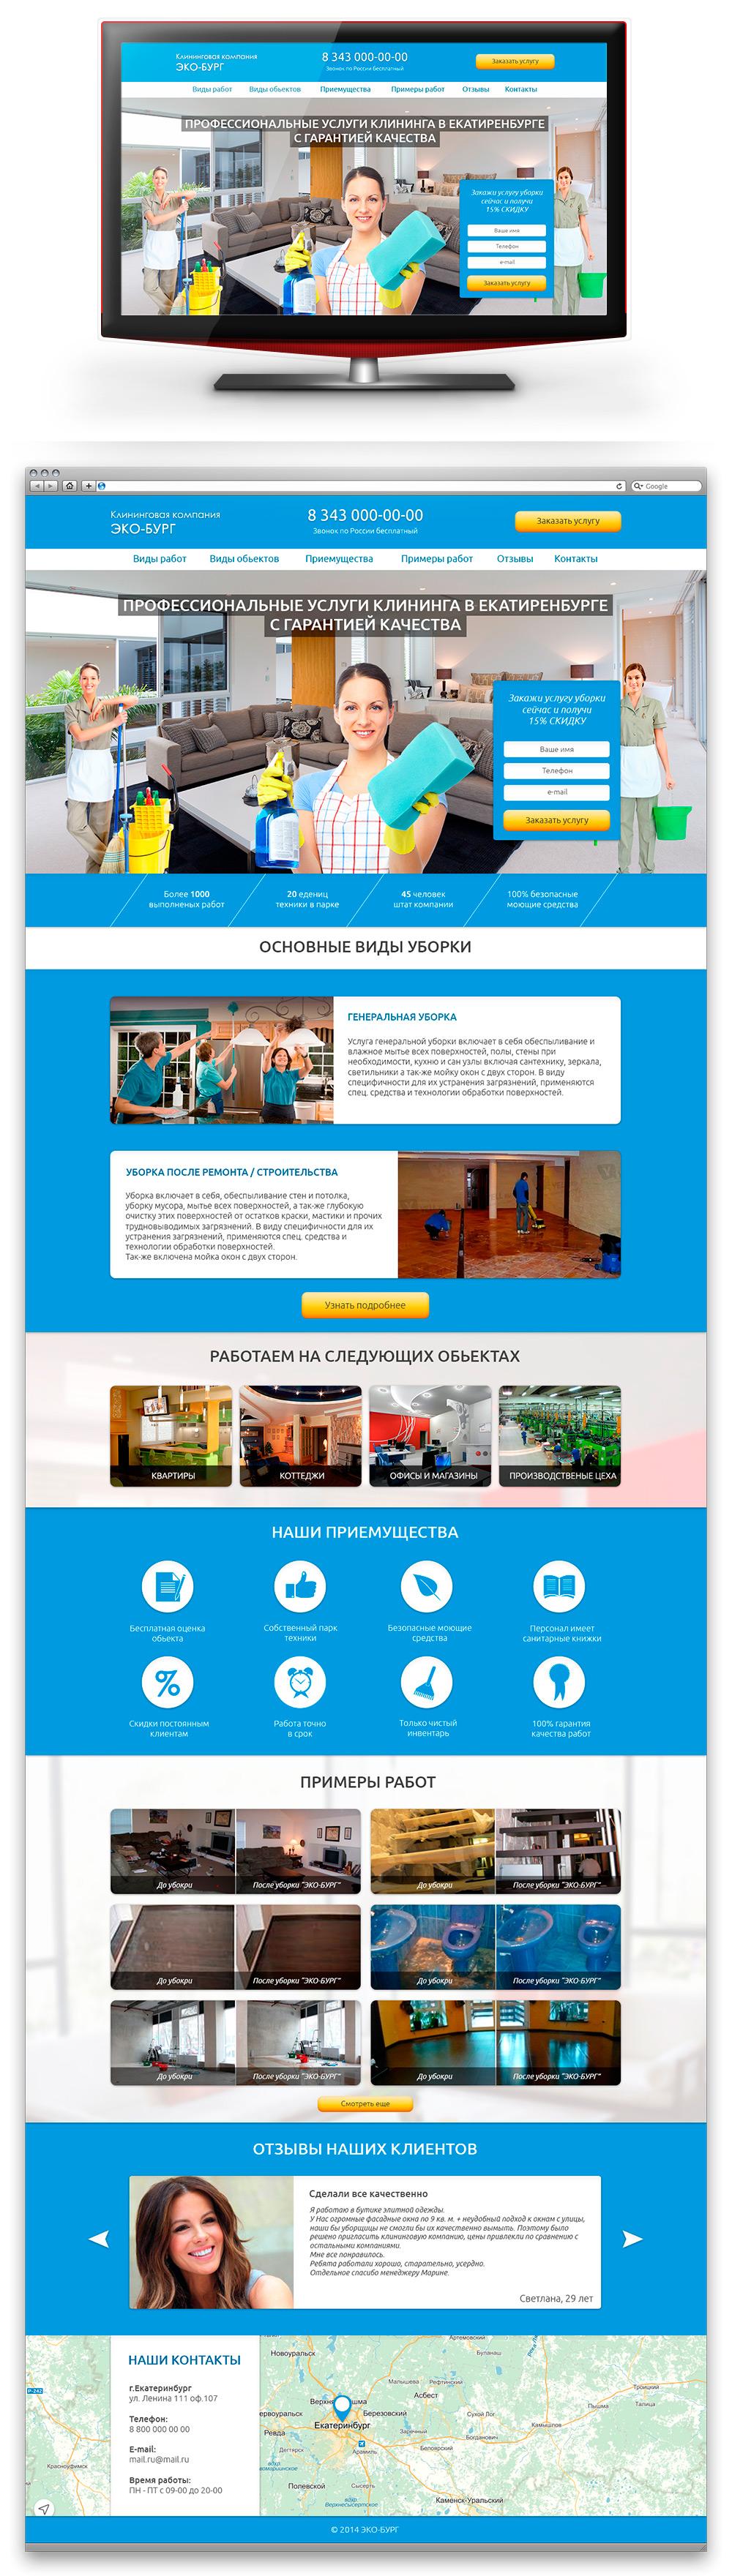 Дизайн Landing Page клининговой компании